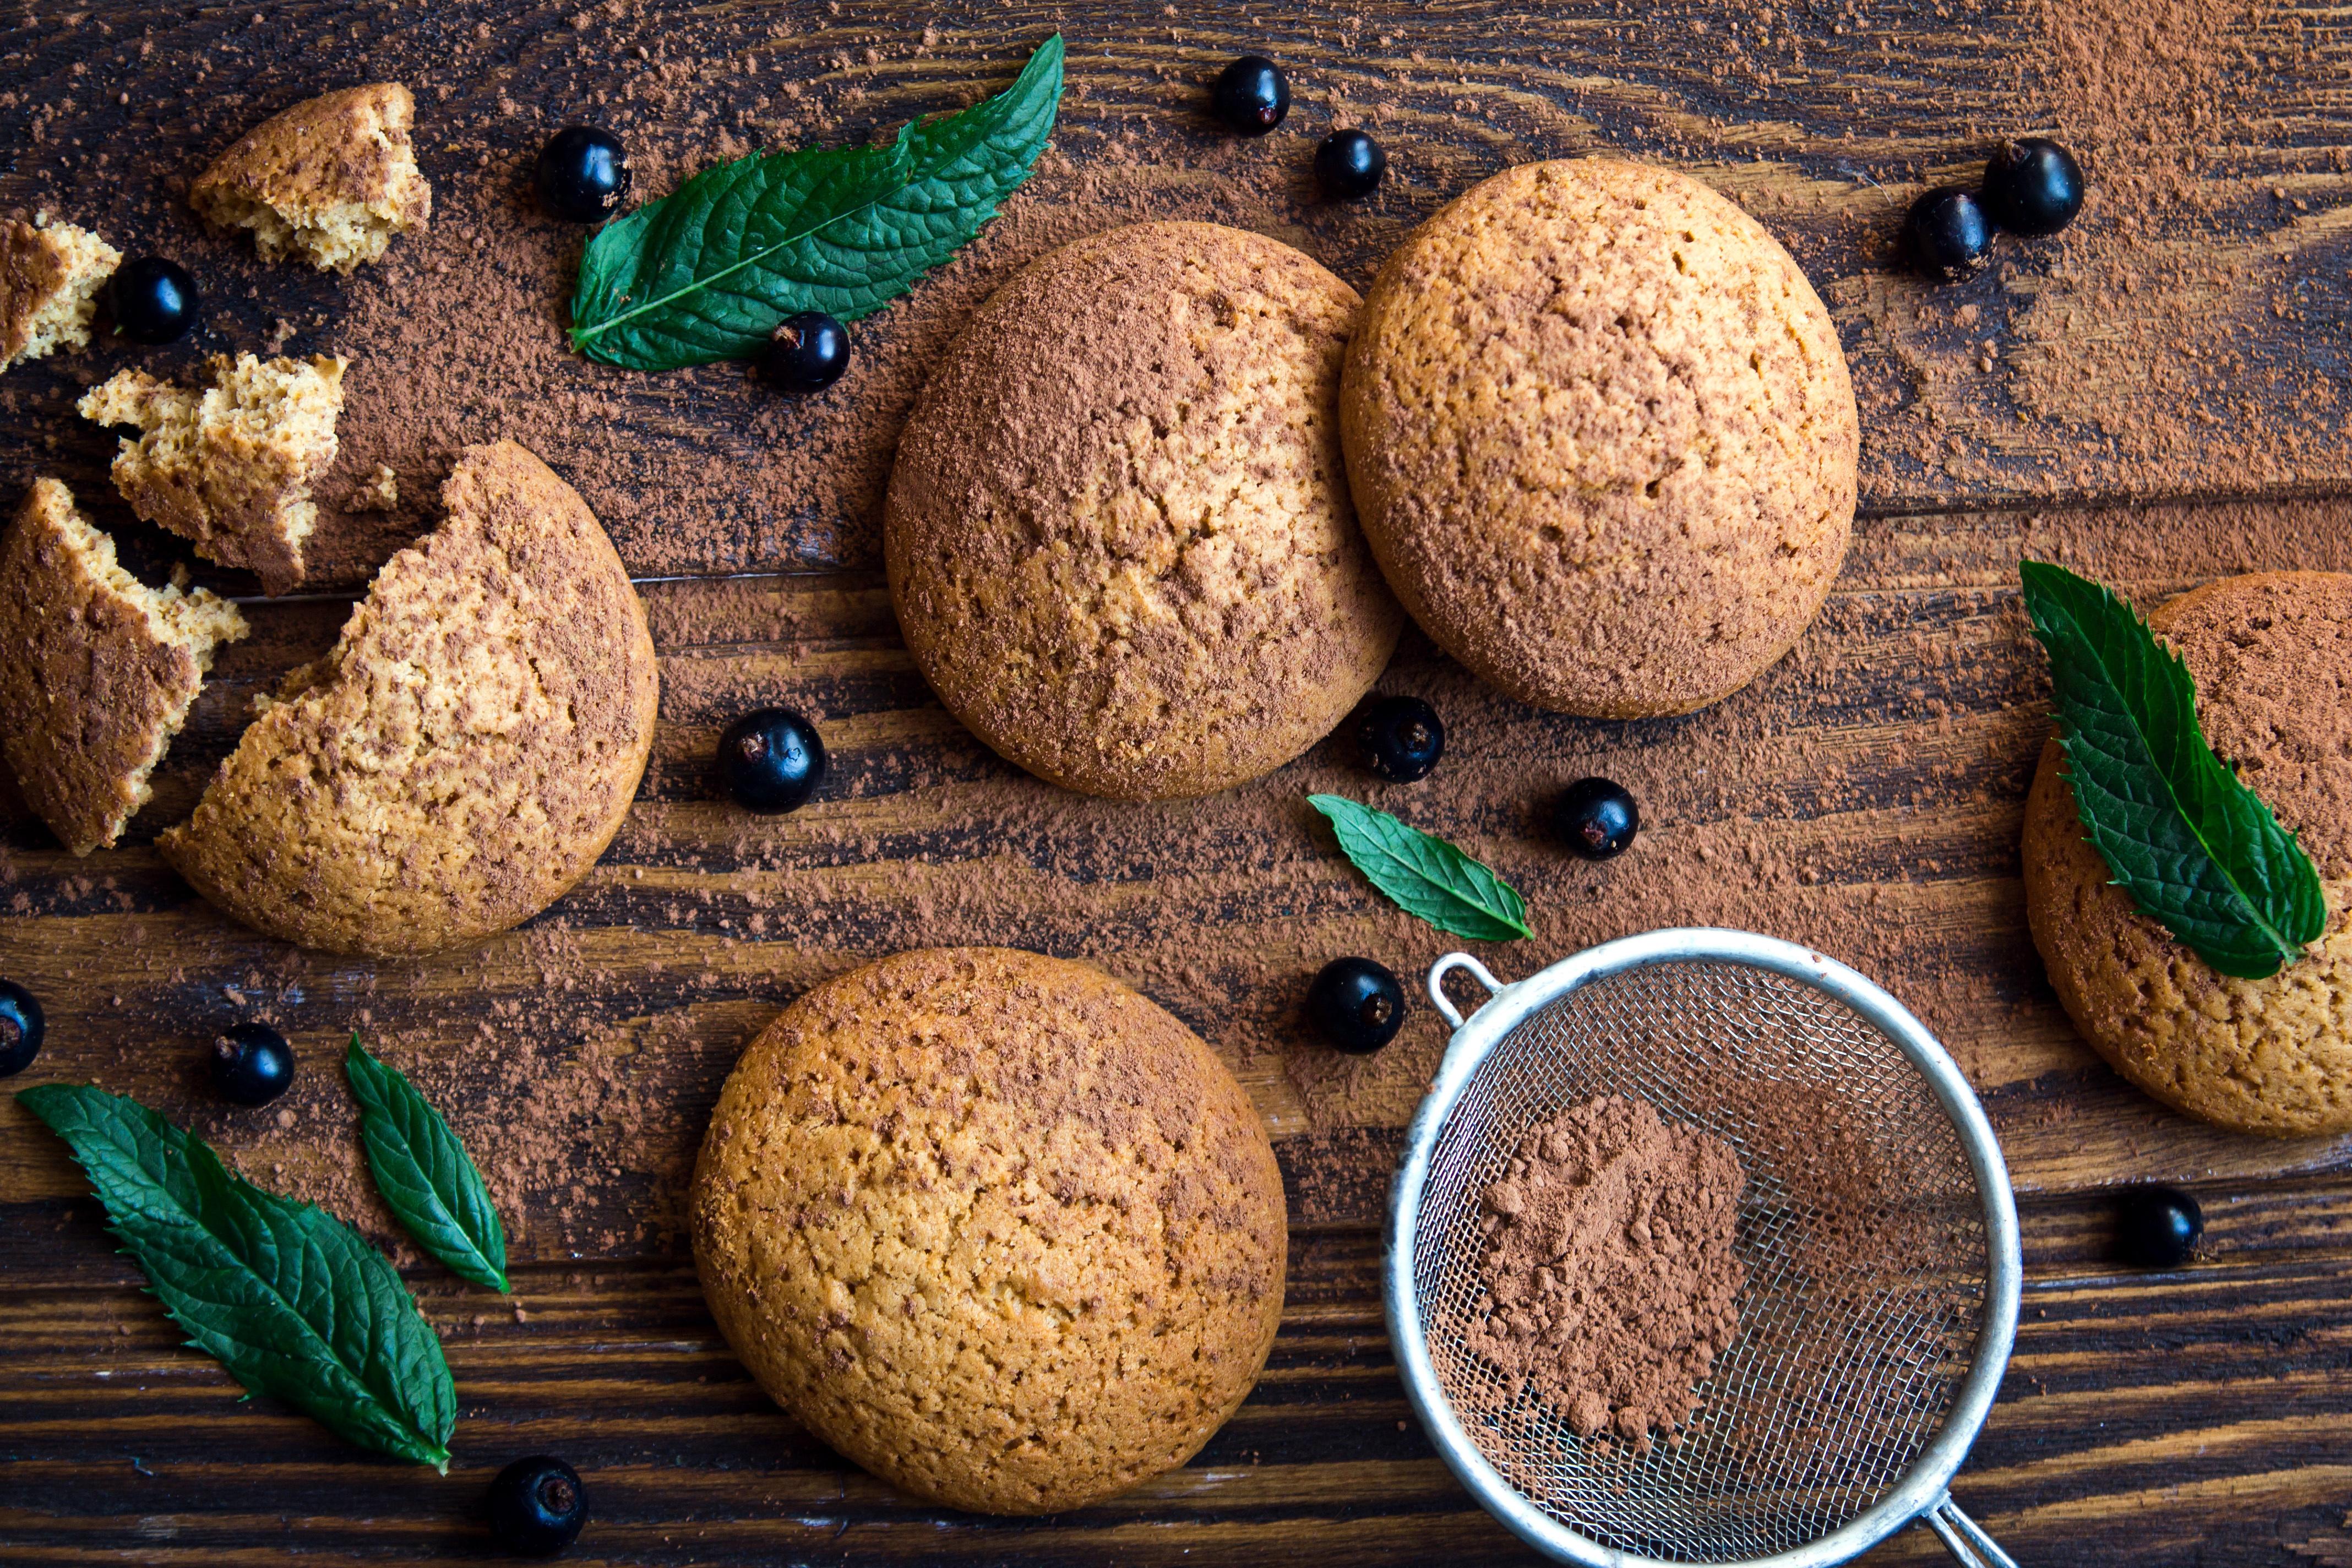 Картинка Листья Какао порошок Смородина Еда Печенье Доски 4272x2848 лист Листва Пища Продукты питания